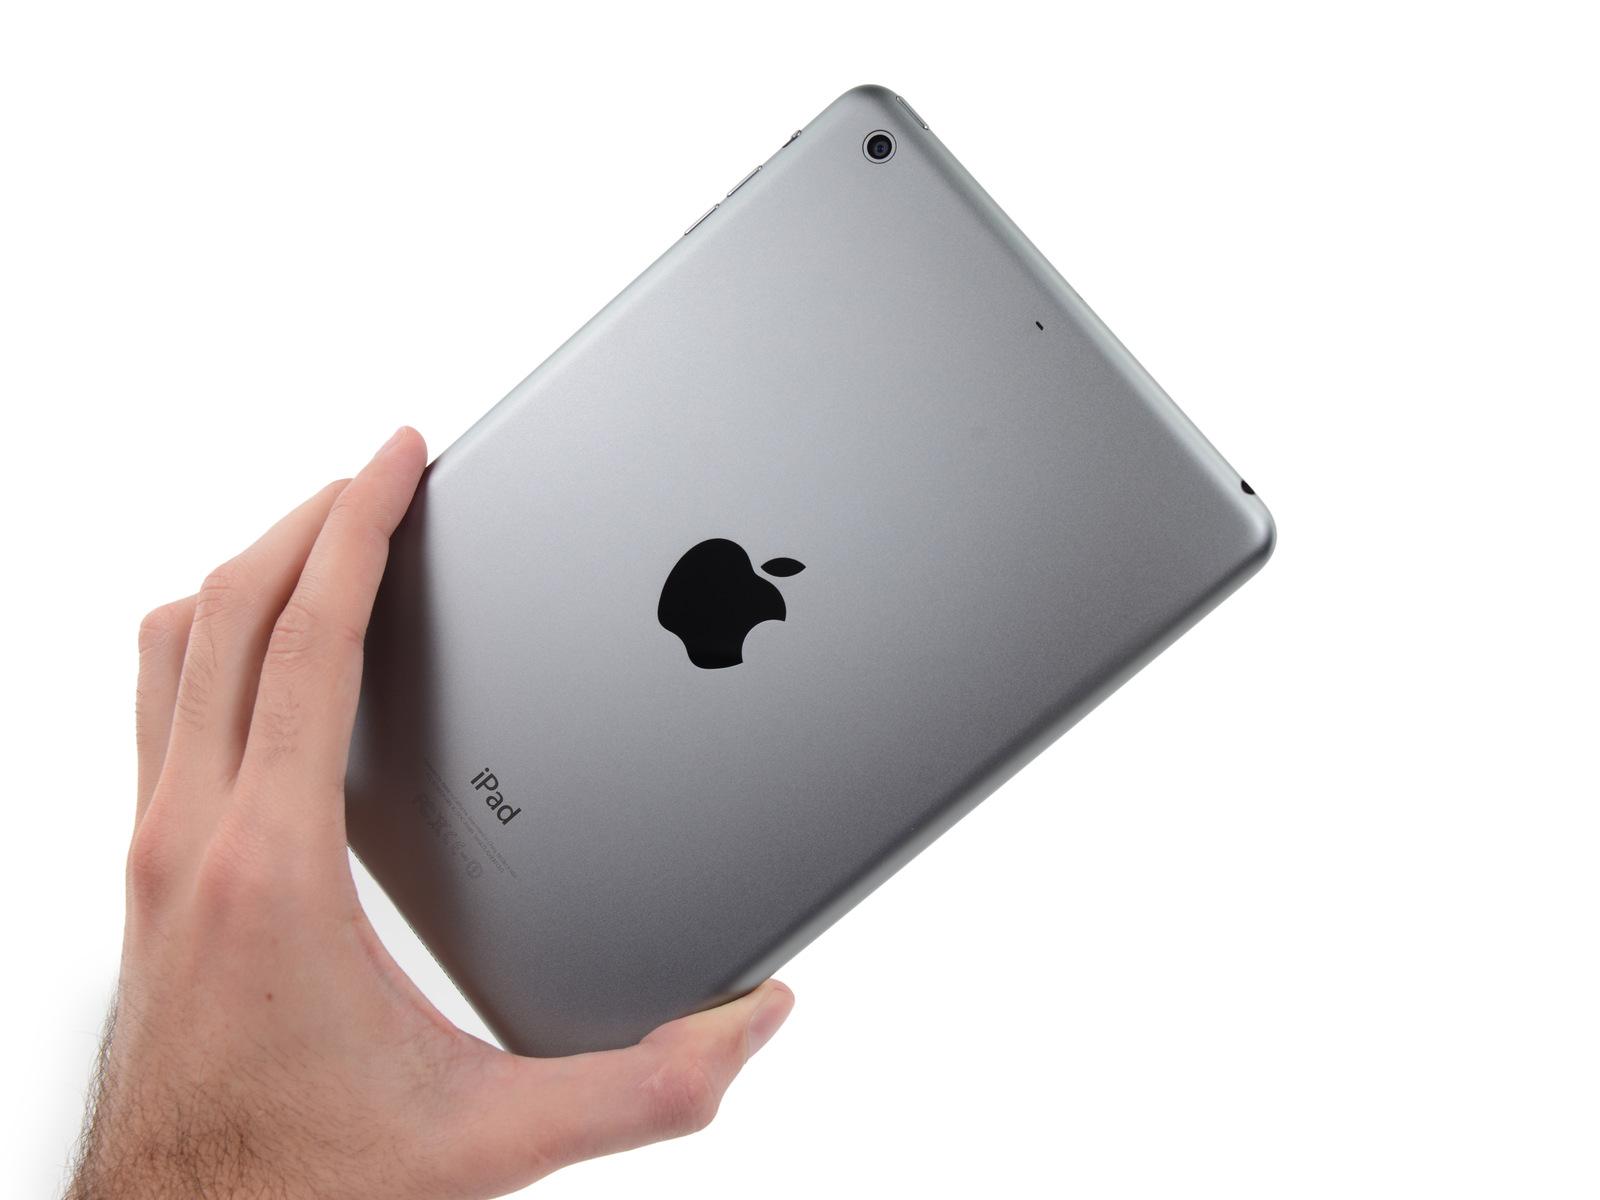 Desmontagem do iPad mini de segunda geração - iFixit